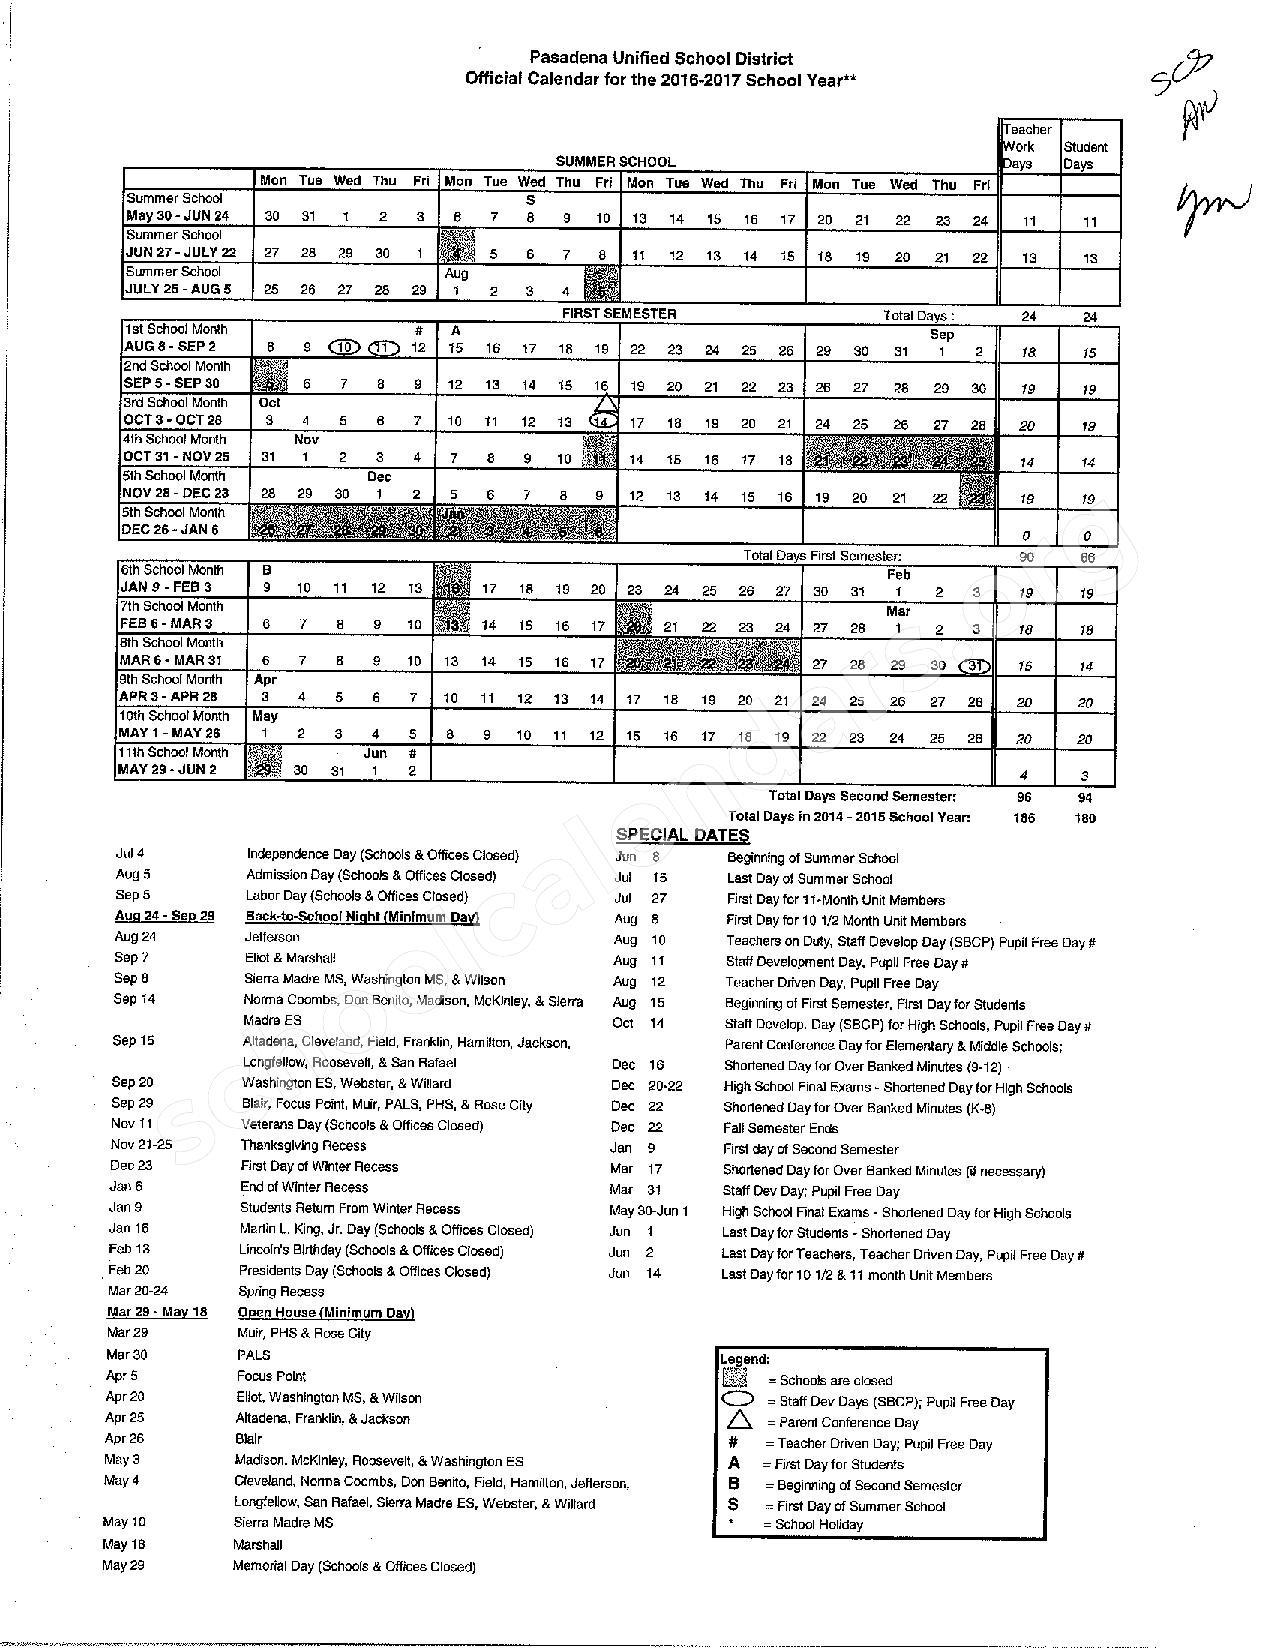 2016 - 2017 PUSD School Calendar – Field (Eugene) Elementary School – page 1